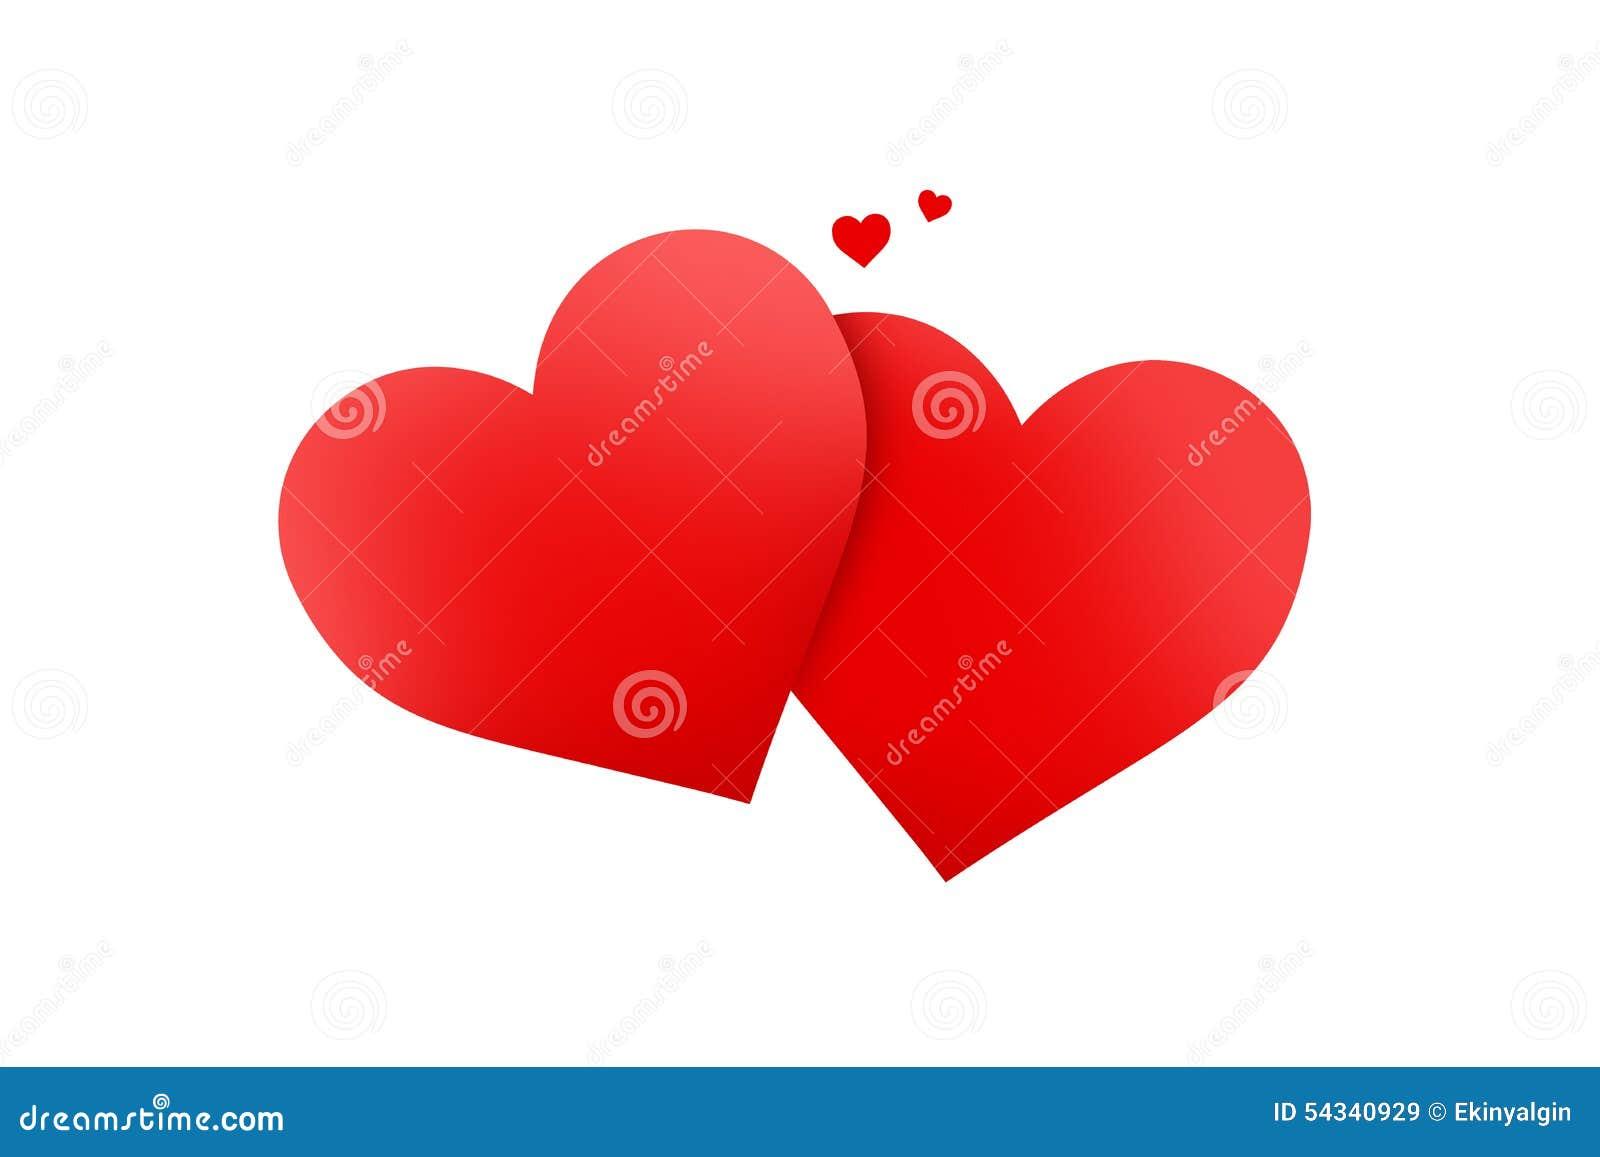 Rote Herz-Zeichen stock abbildung. Illustration von ikone